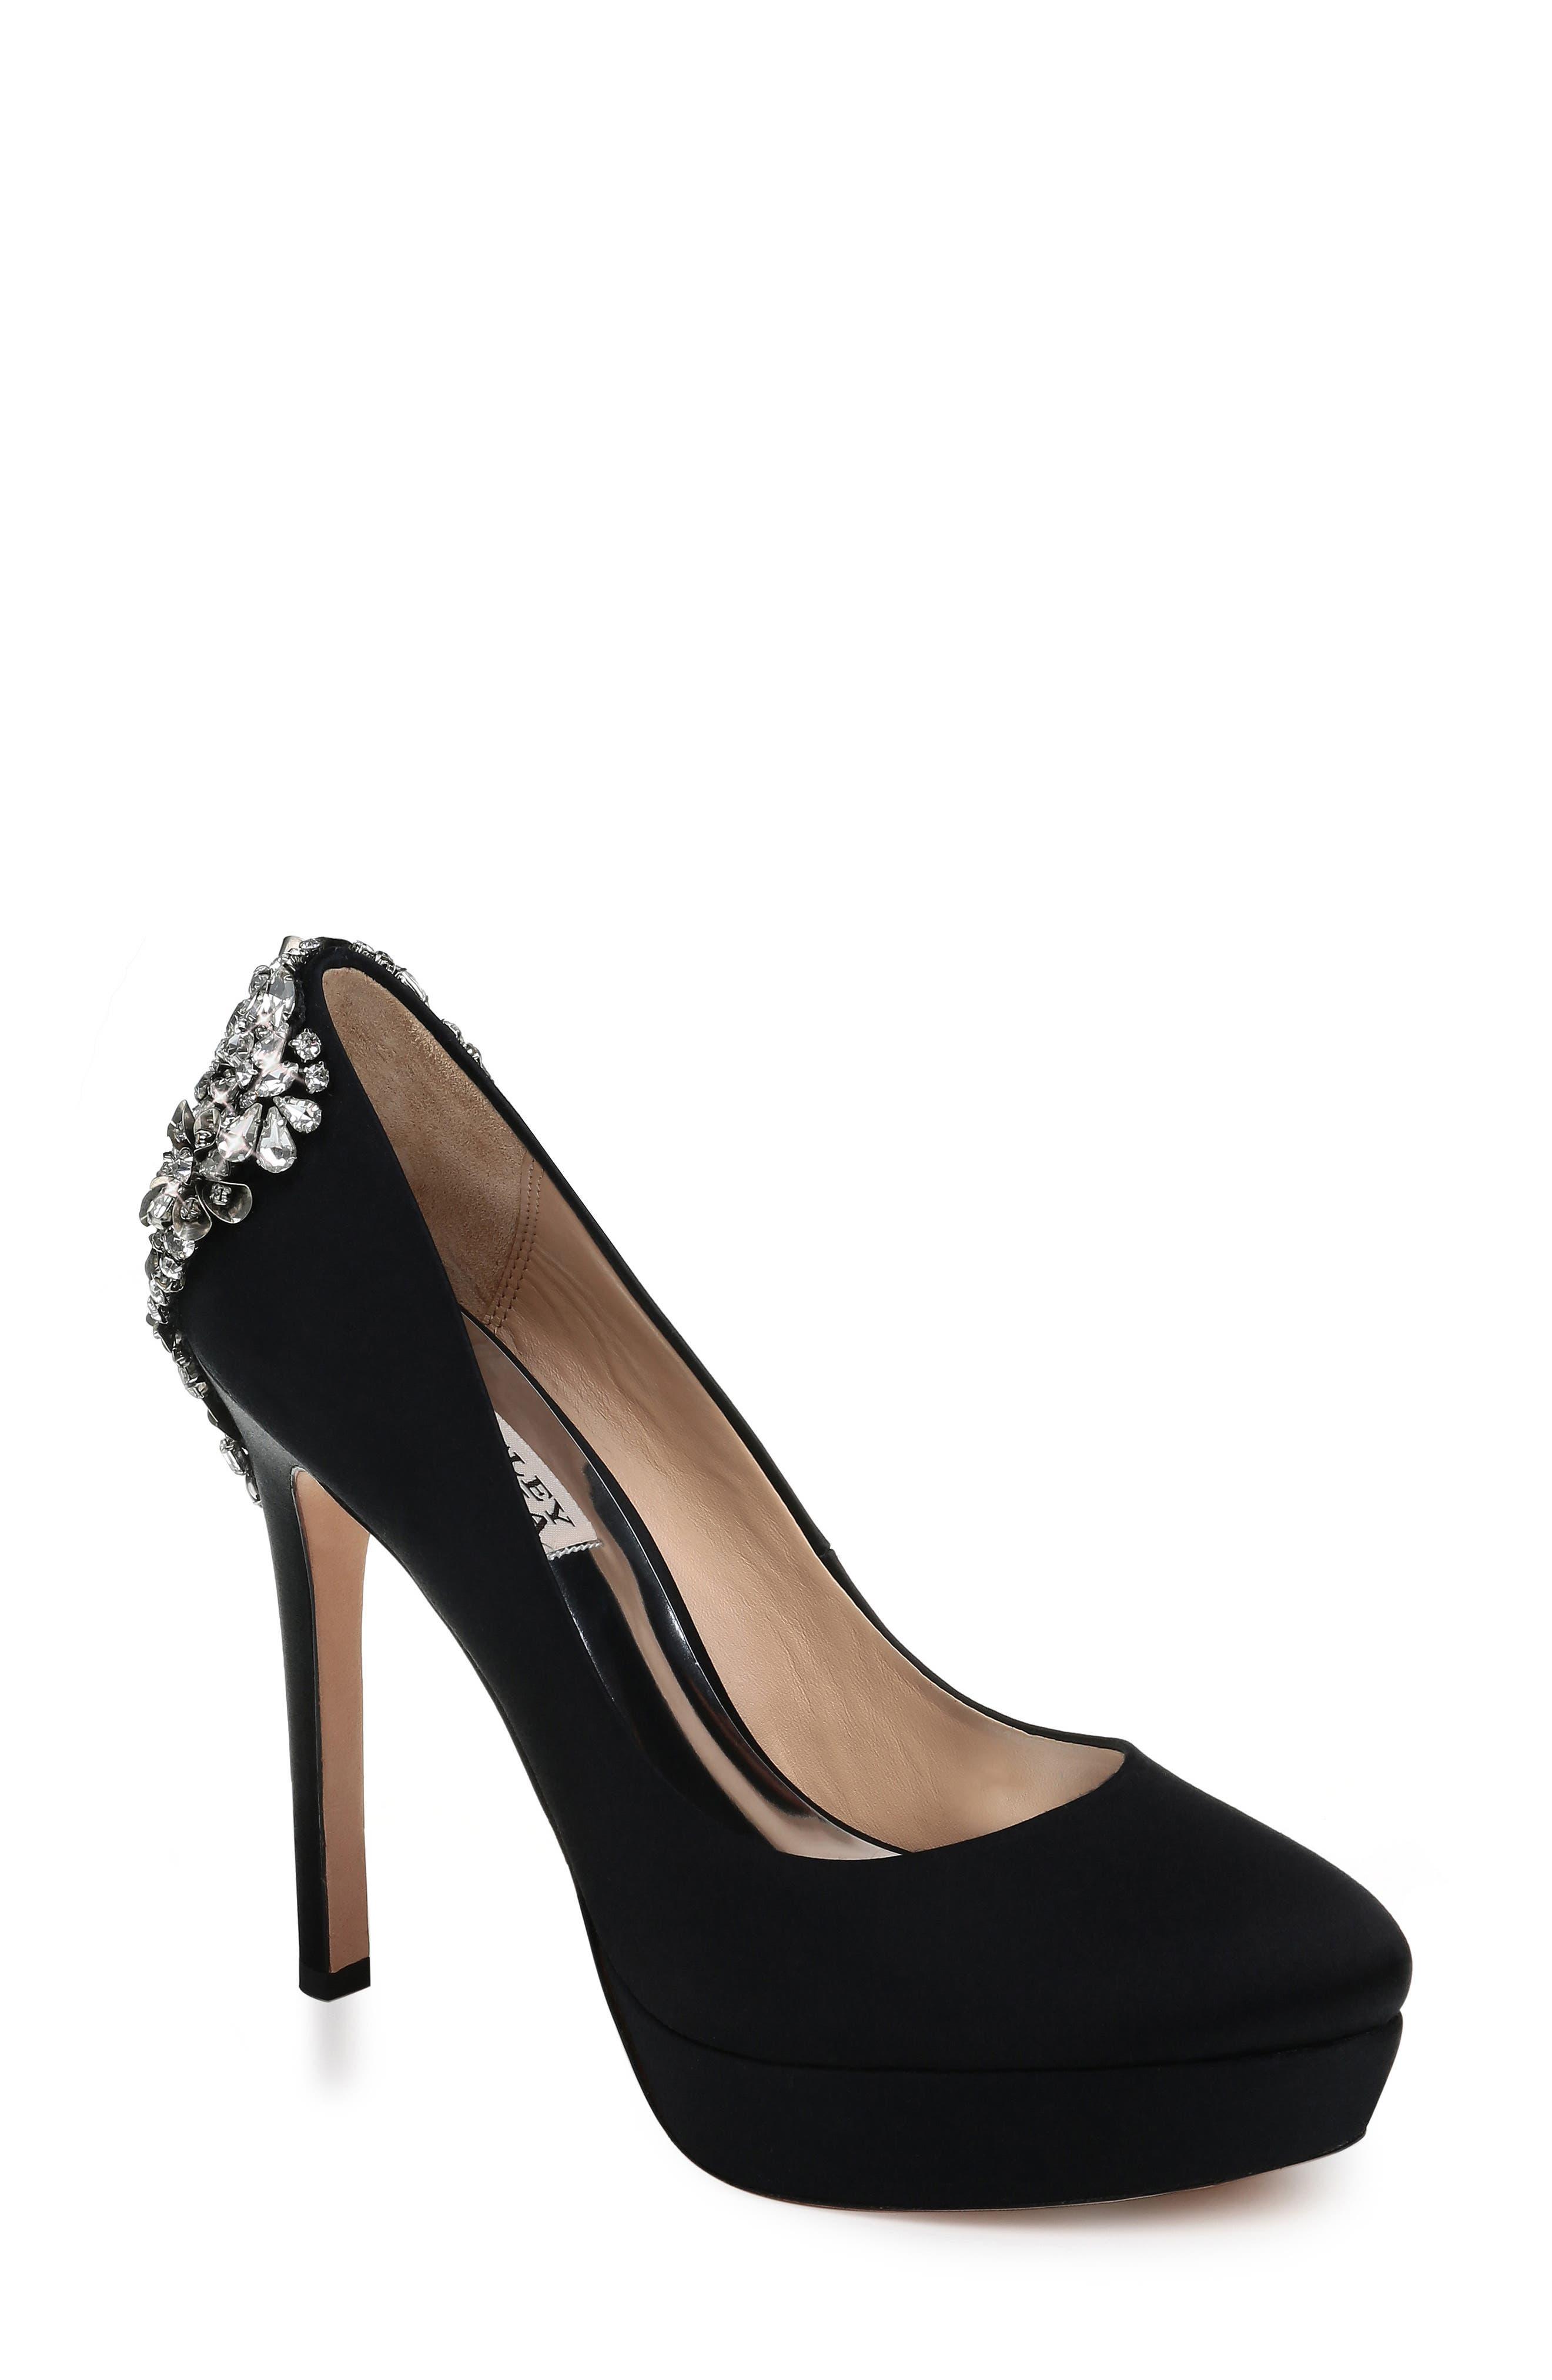 Women'S Viola Almond Toe Embellished Satin Platform High-Heel Pumps in Black Satin